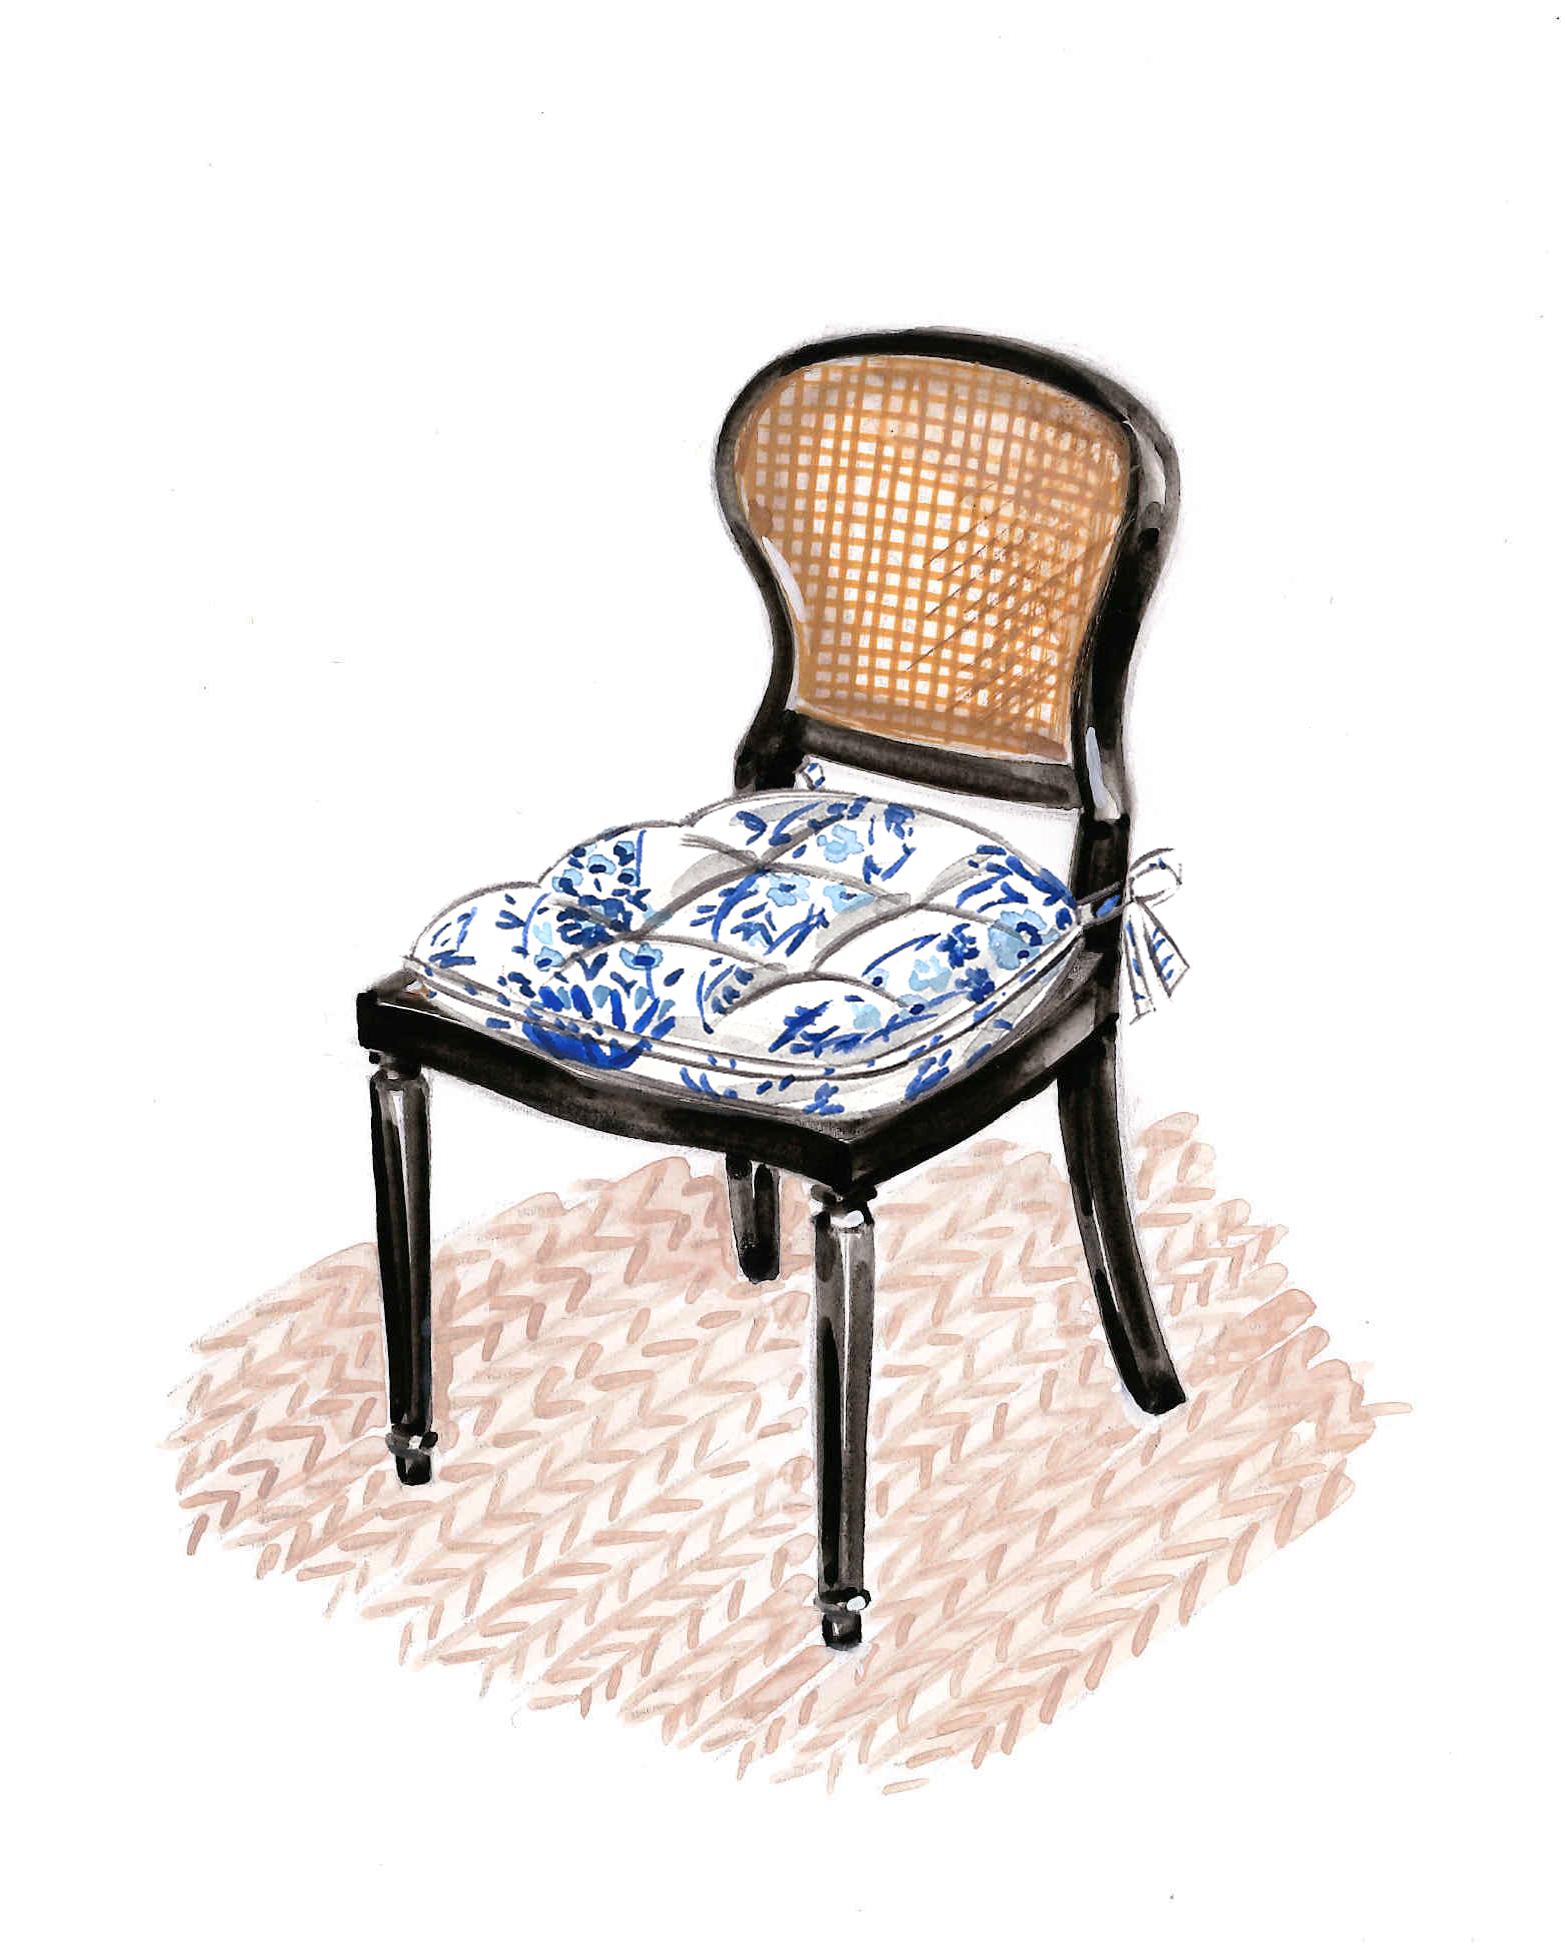 5 Dining Chair Cane w cushion.jpg